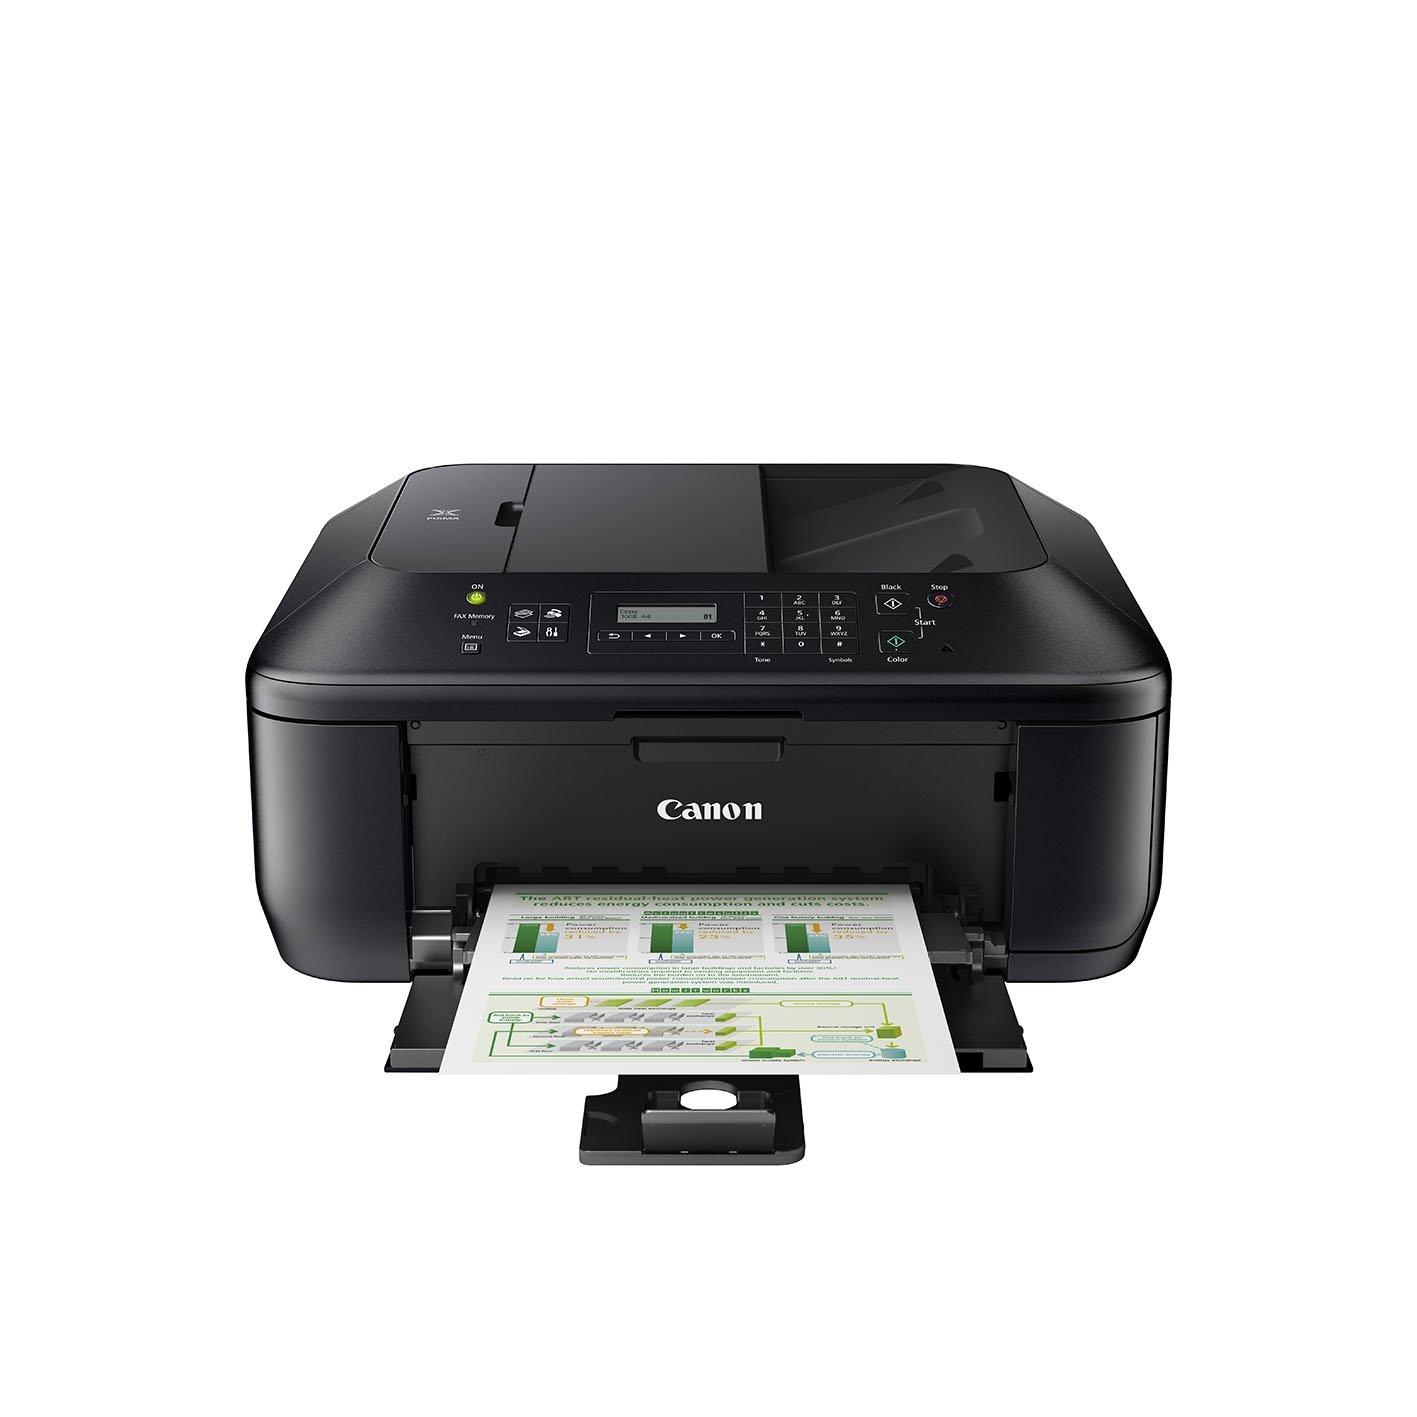 Canon PIXMA MX395 - Impresora multifunción de Tinta - B/N 8.7 PPM, Color 5 PPM